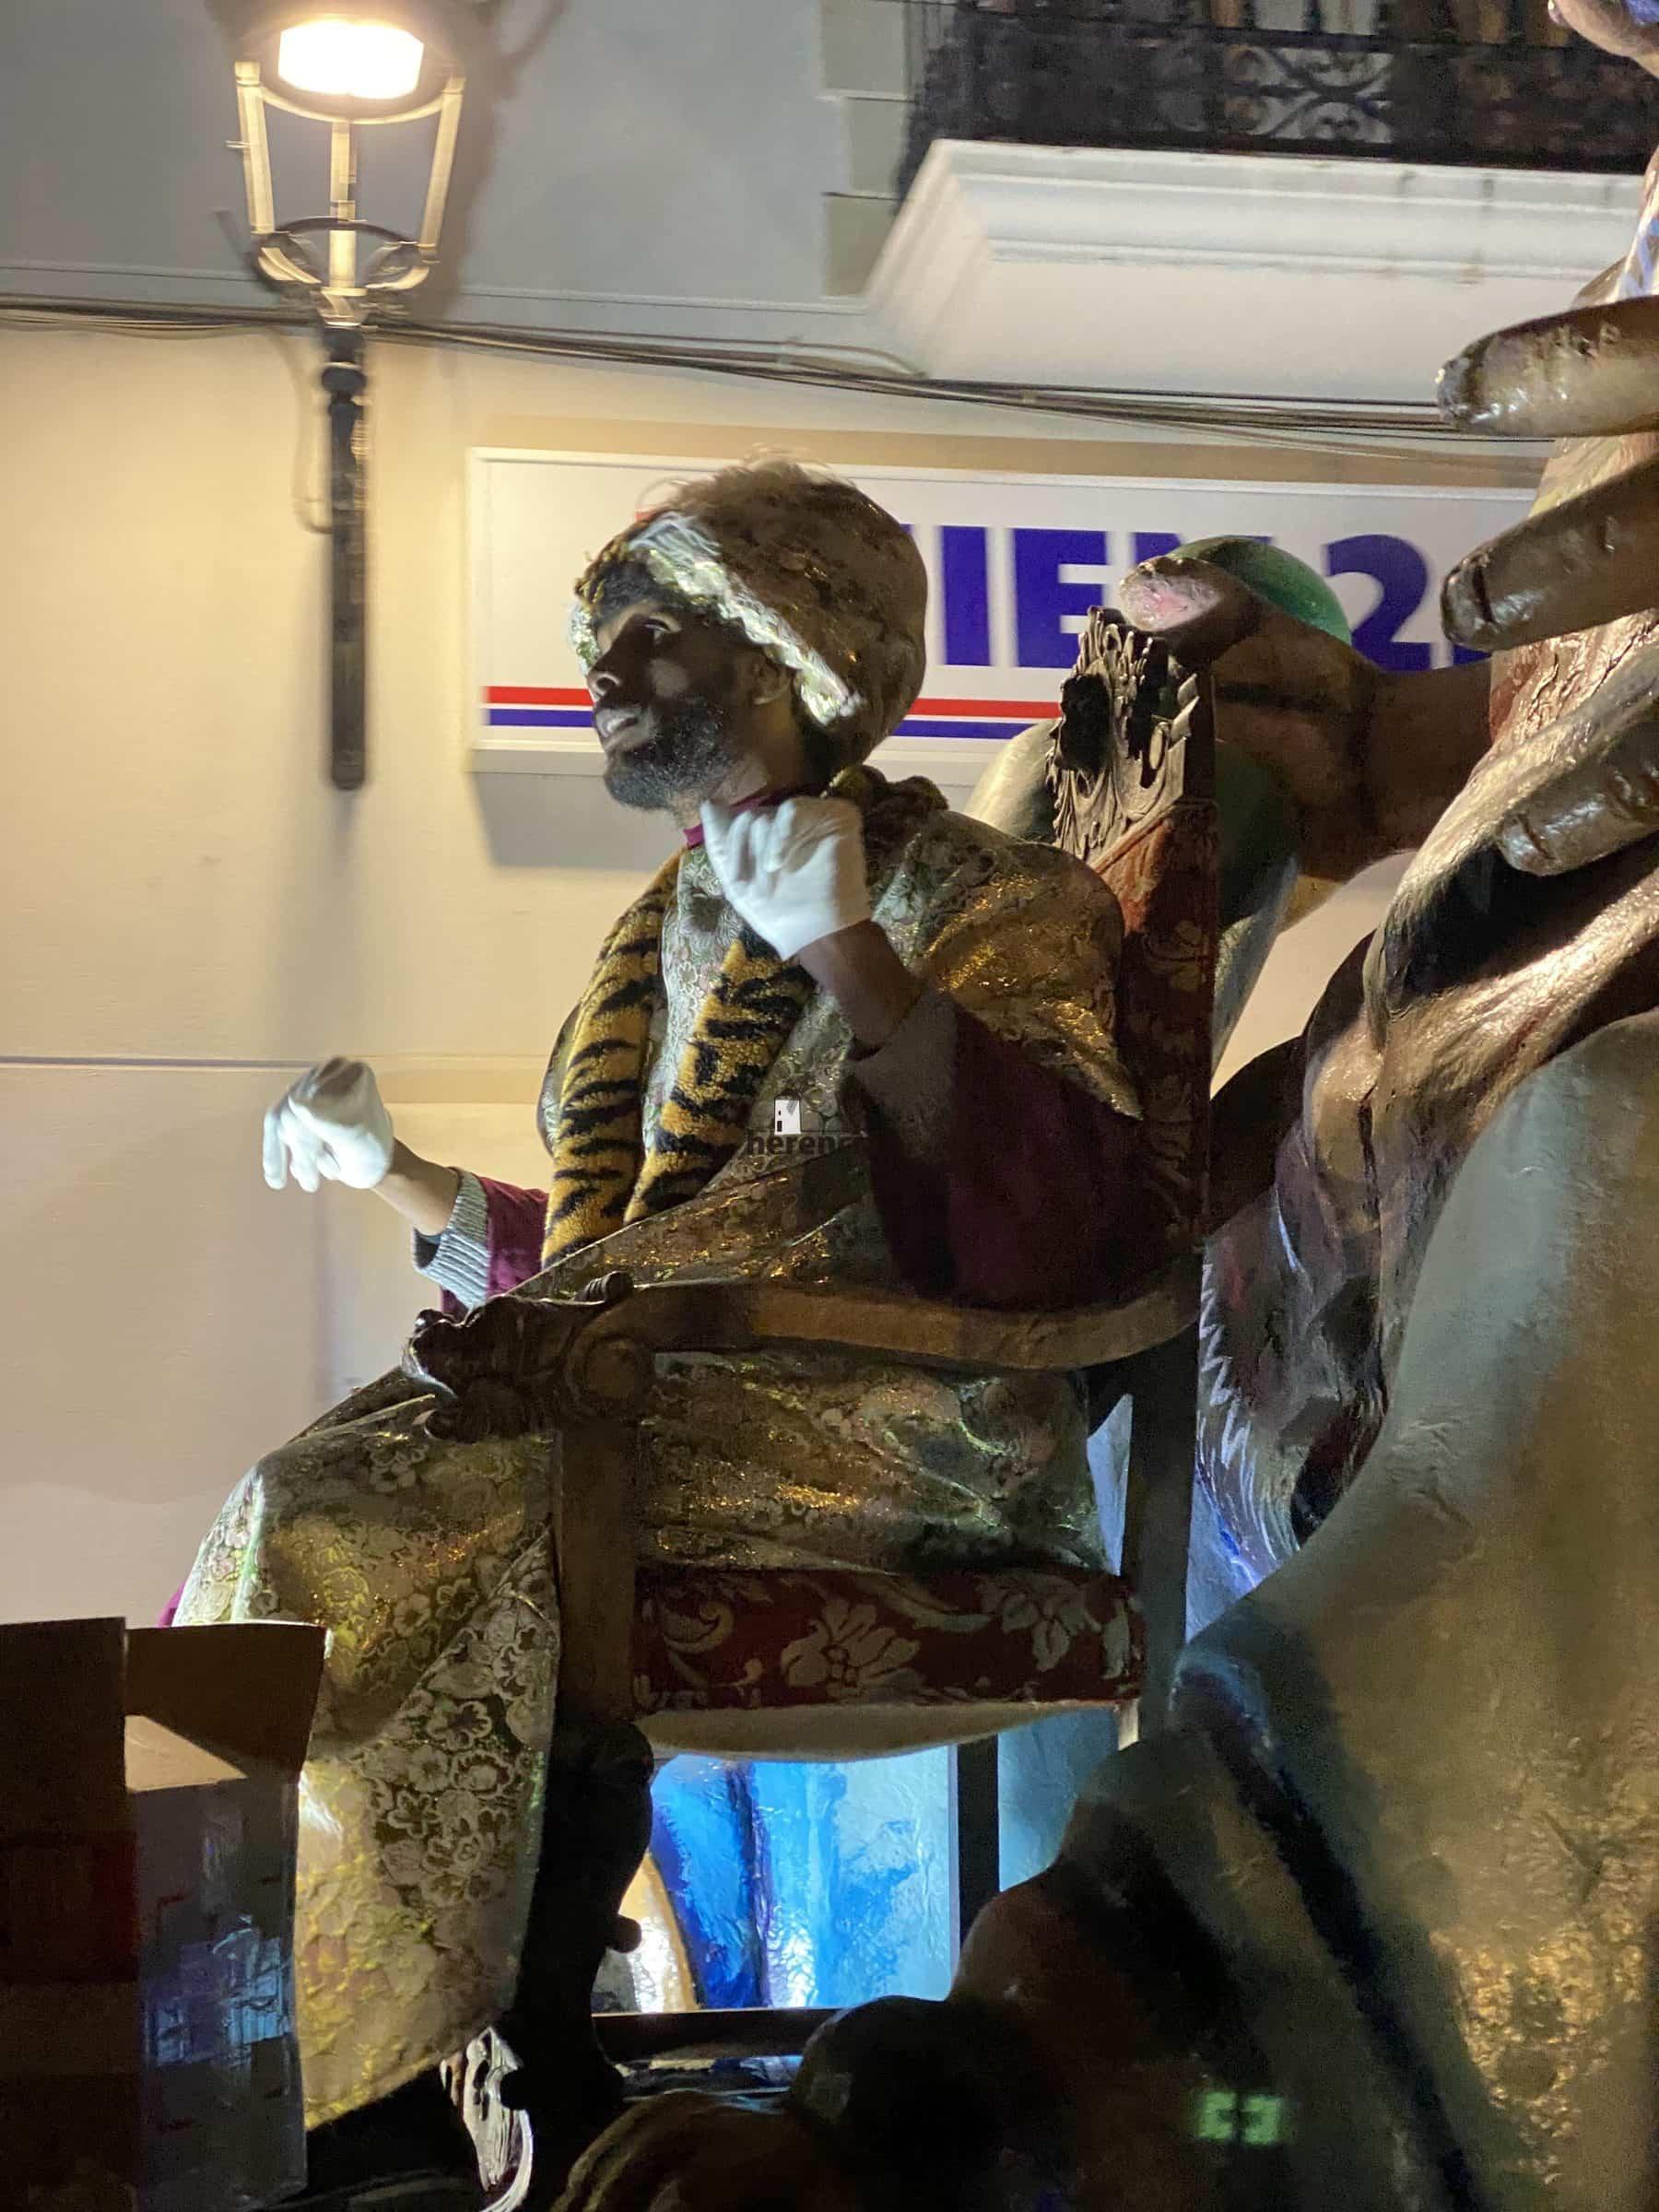 cabalgata reyes 2019 herencia 3 e1578264120882 - Galería de fotografías de Cabalgata de Reyes Magos de Herencia